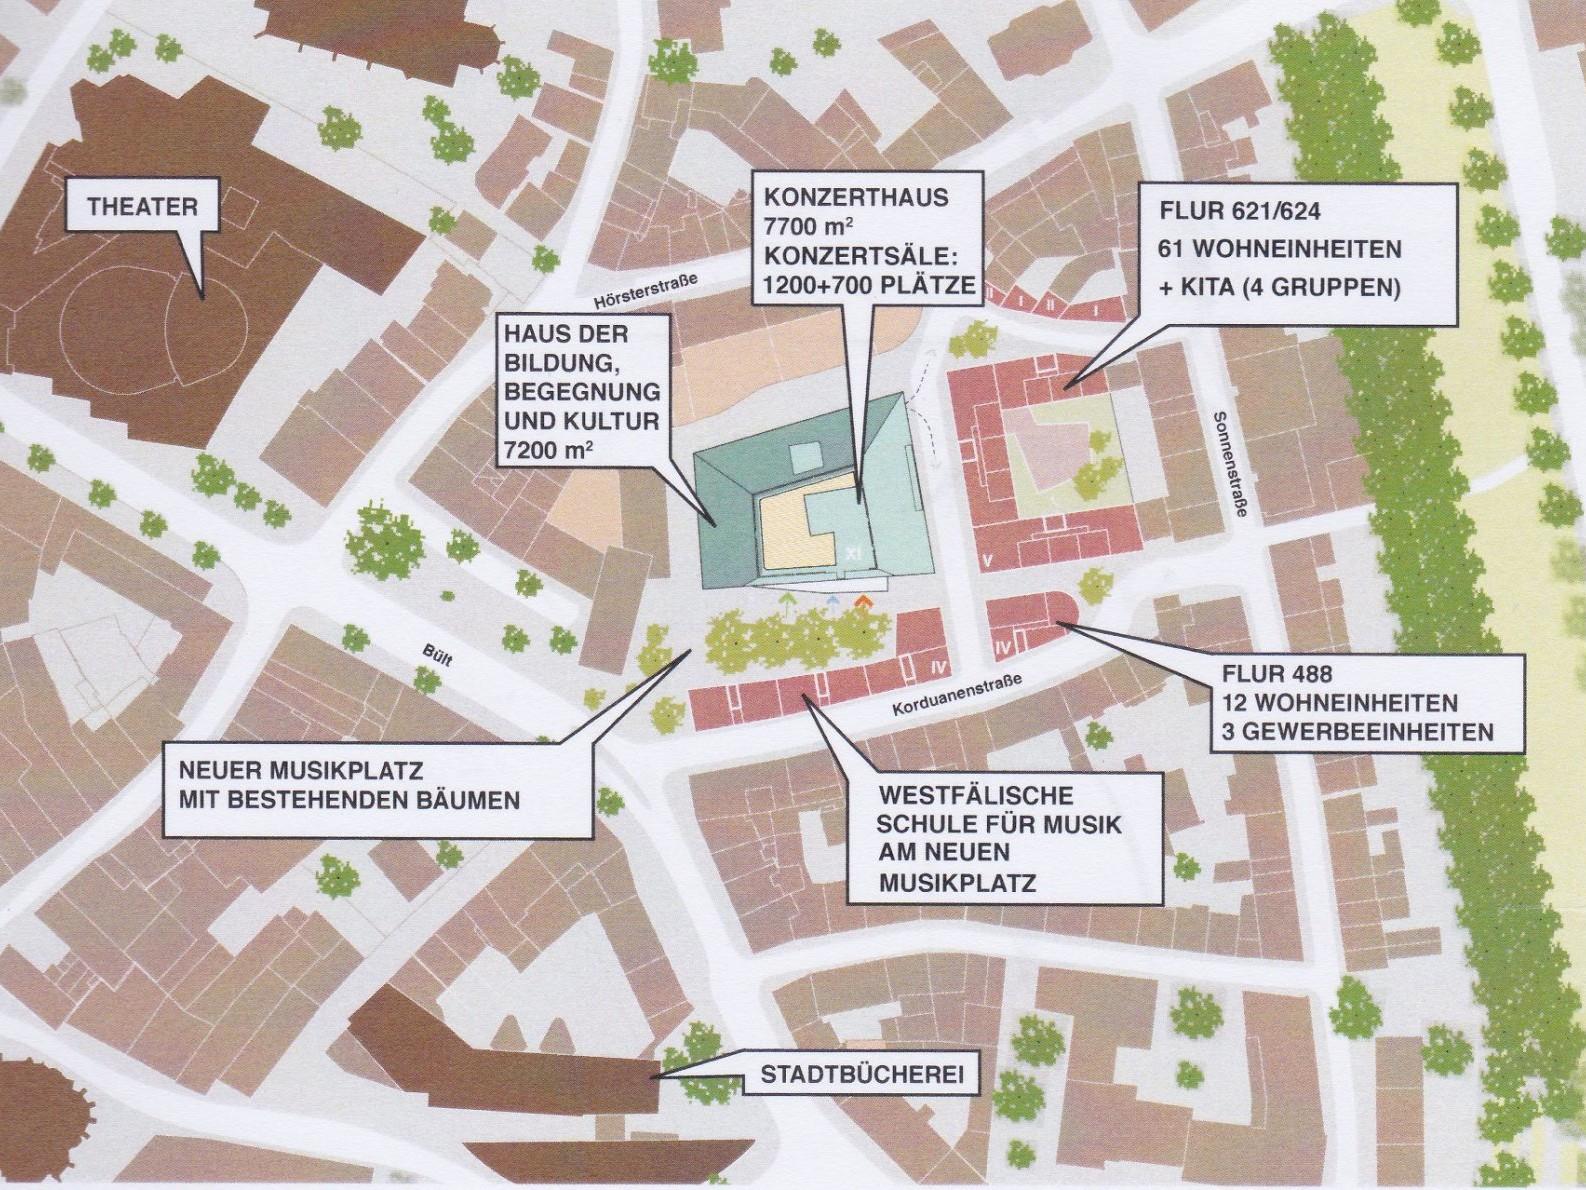 Bolles+Wilson: Kultur- und Bildungsforum auf dem Hörster Parkplatz, Münster 2020 - Foto: Bolles+Wilson